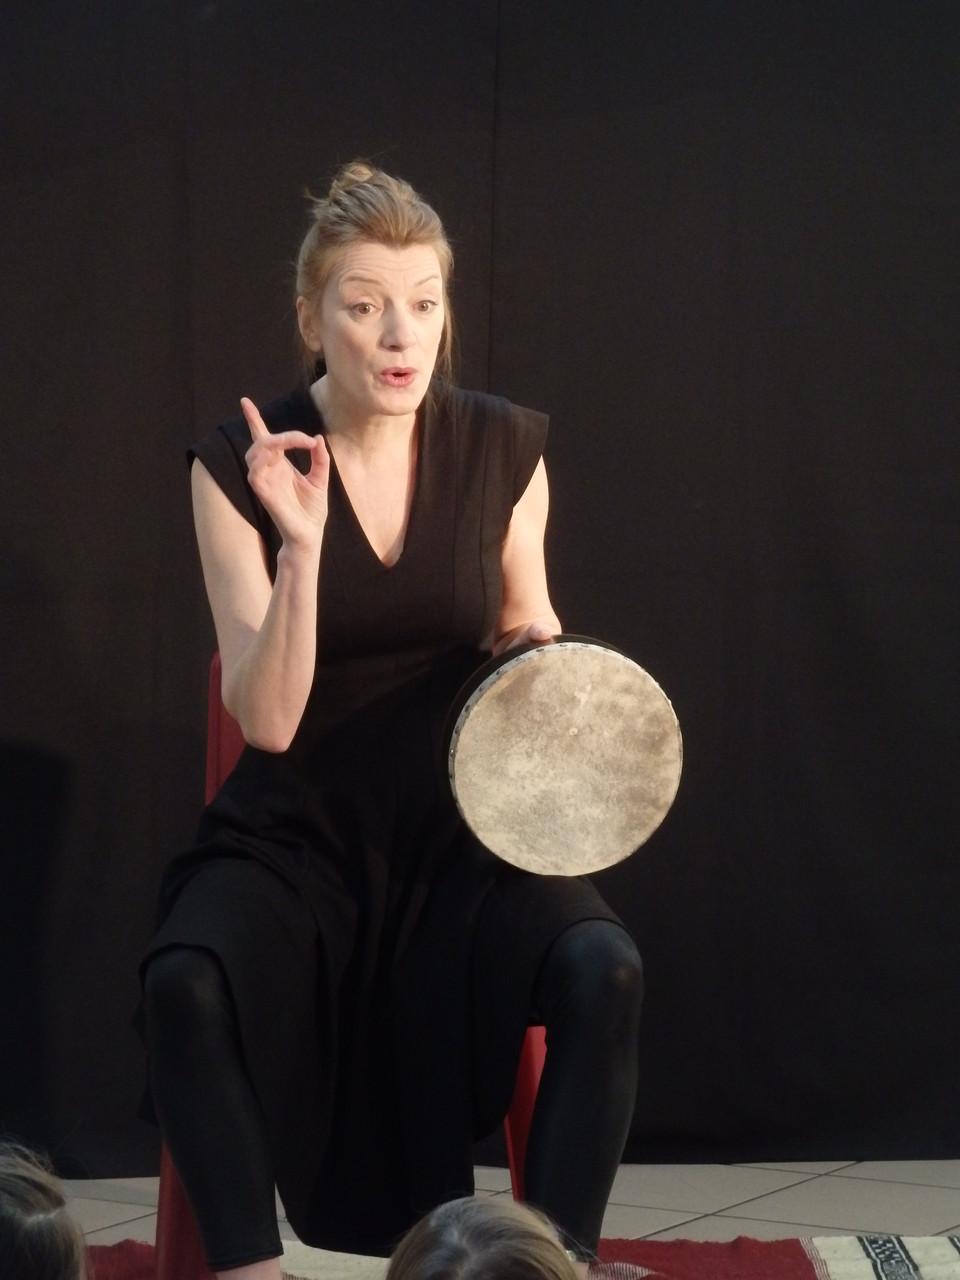 L'ogresse et les 7 chevreaux Festival Colporteur La tournée des conteurs 2016 Photo Françoise Illy